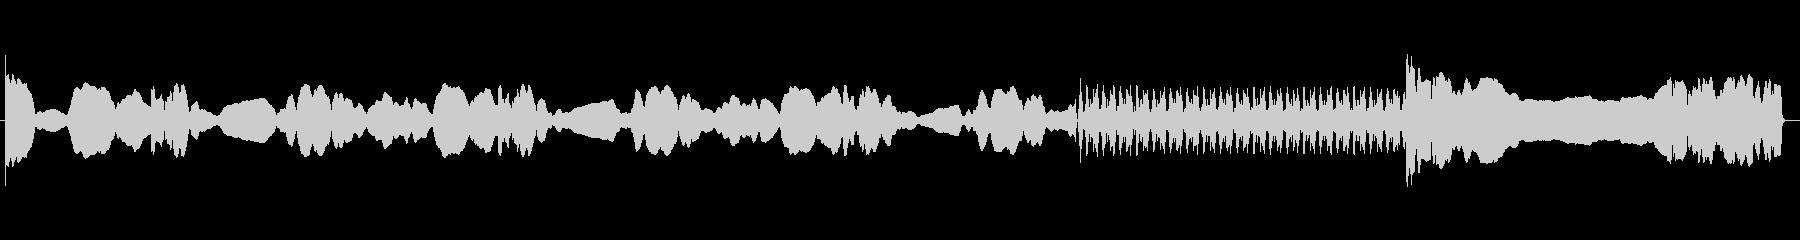 パトカー:サイレン、泣き叫ぶの未再生の波形